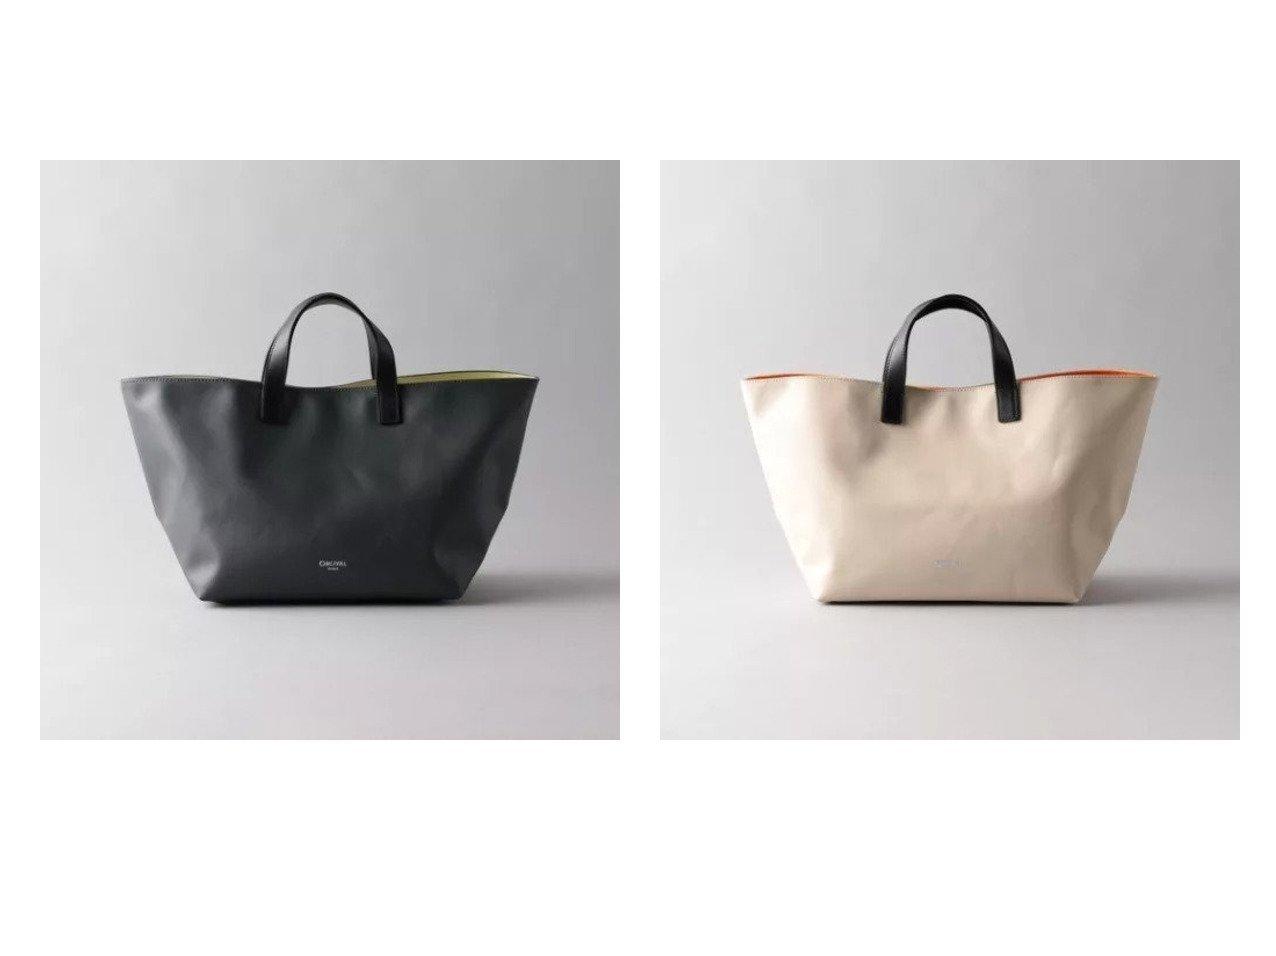 【Odette e Odile/オデット エ オディール】のORCIVAL ColorsTOTE バッグ・鞄のおすすめ!人気、トレンド・レディースファッションの通販 おすすめで人気の流行・トレンド、ファッションの通販商品 メンズファッション・キッズファッション・インテリア・家具・レディースファッション・服の通販 founy(ファニー) https://founy.com/ ファッション Fashion レディースファッション WOMEN バッグ Bag おすすめ Recommend ベーシック |ID:crp329100000025029